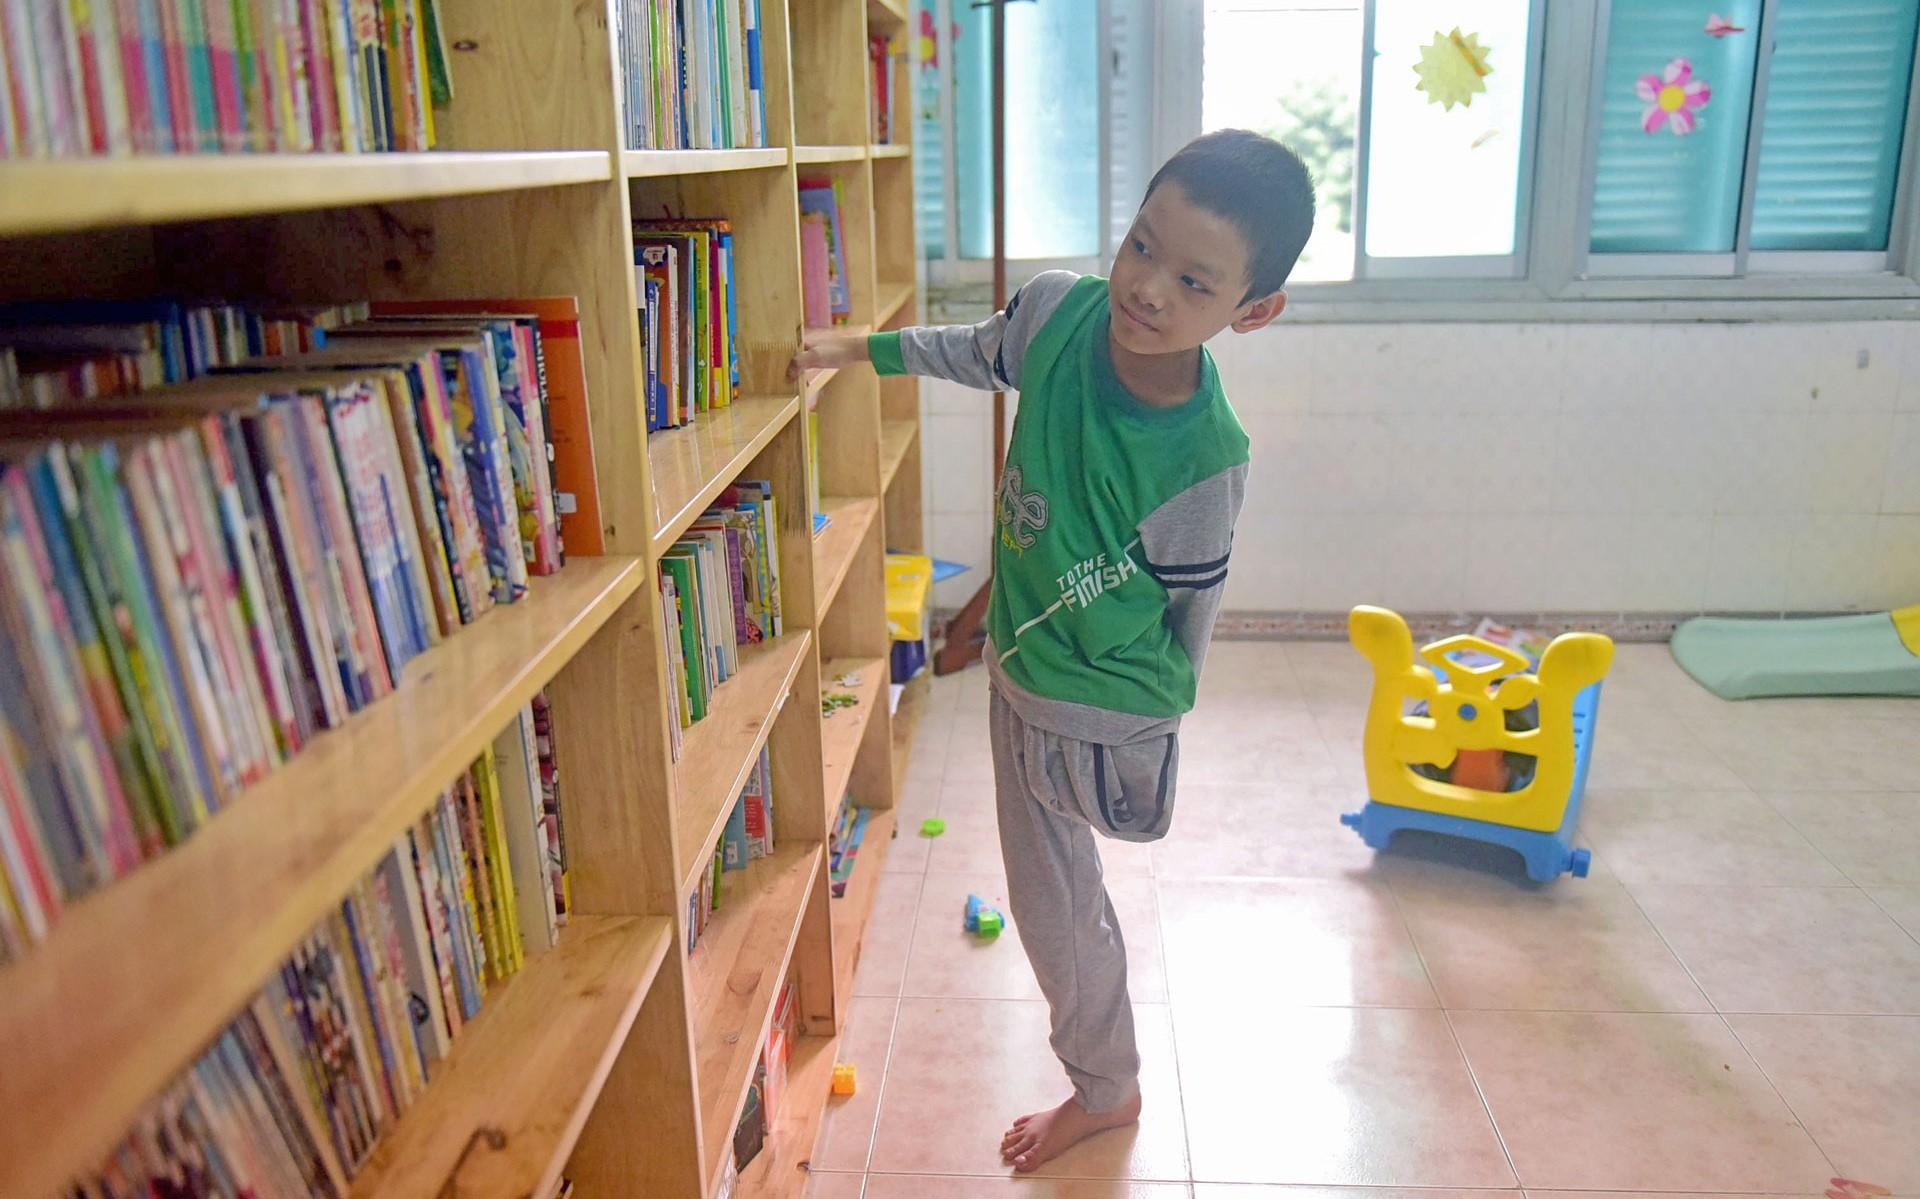 Vietnamese boy stays lively despite losing leg to bone cancer